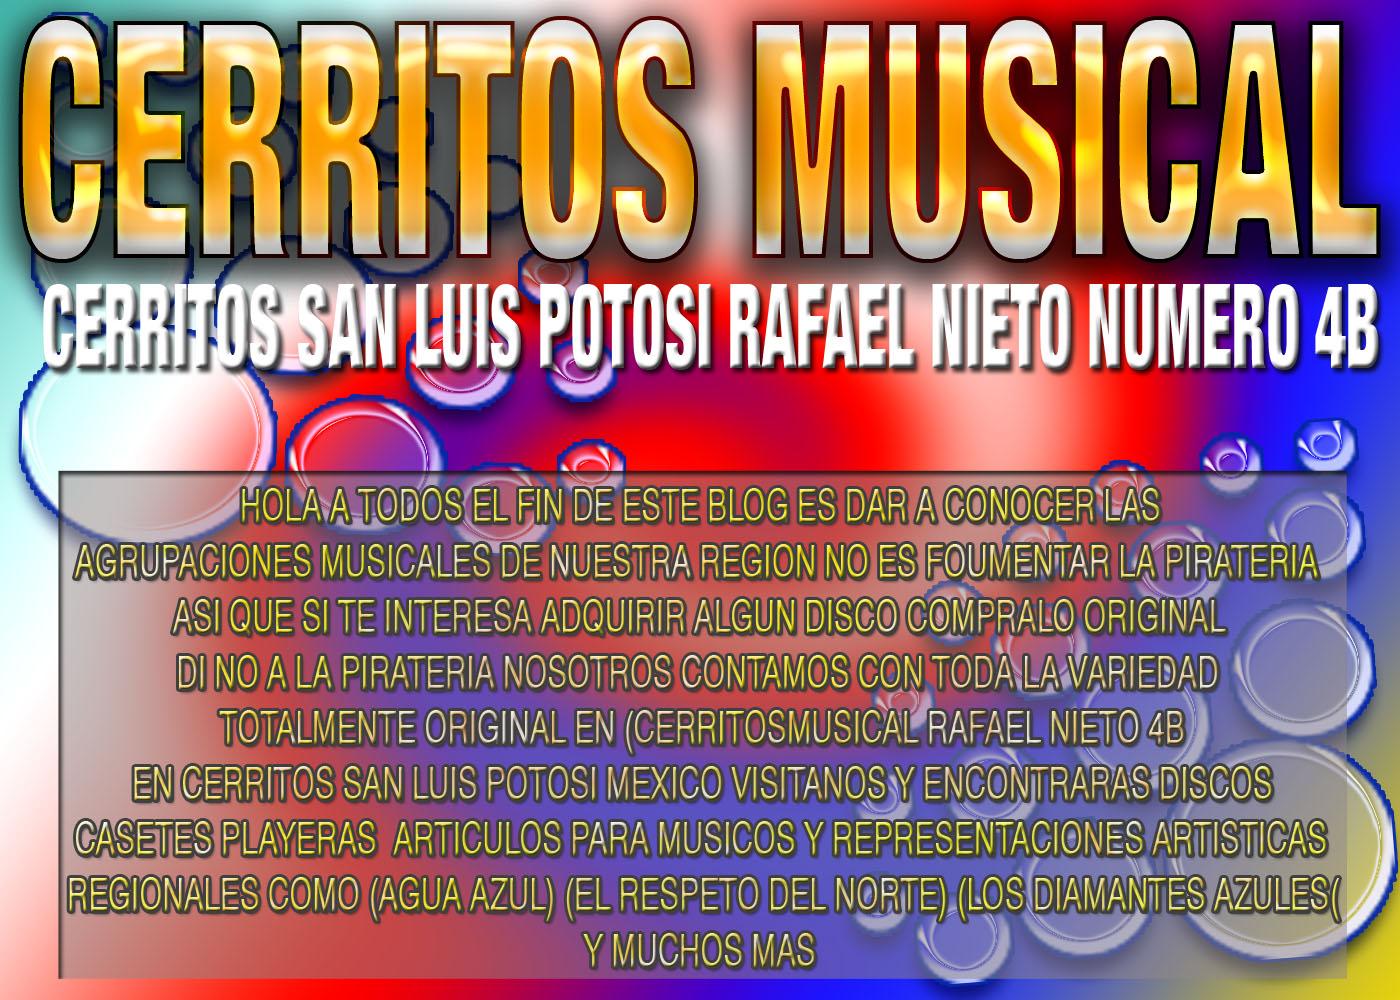 cerritosmusical